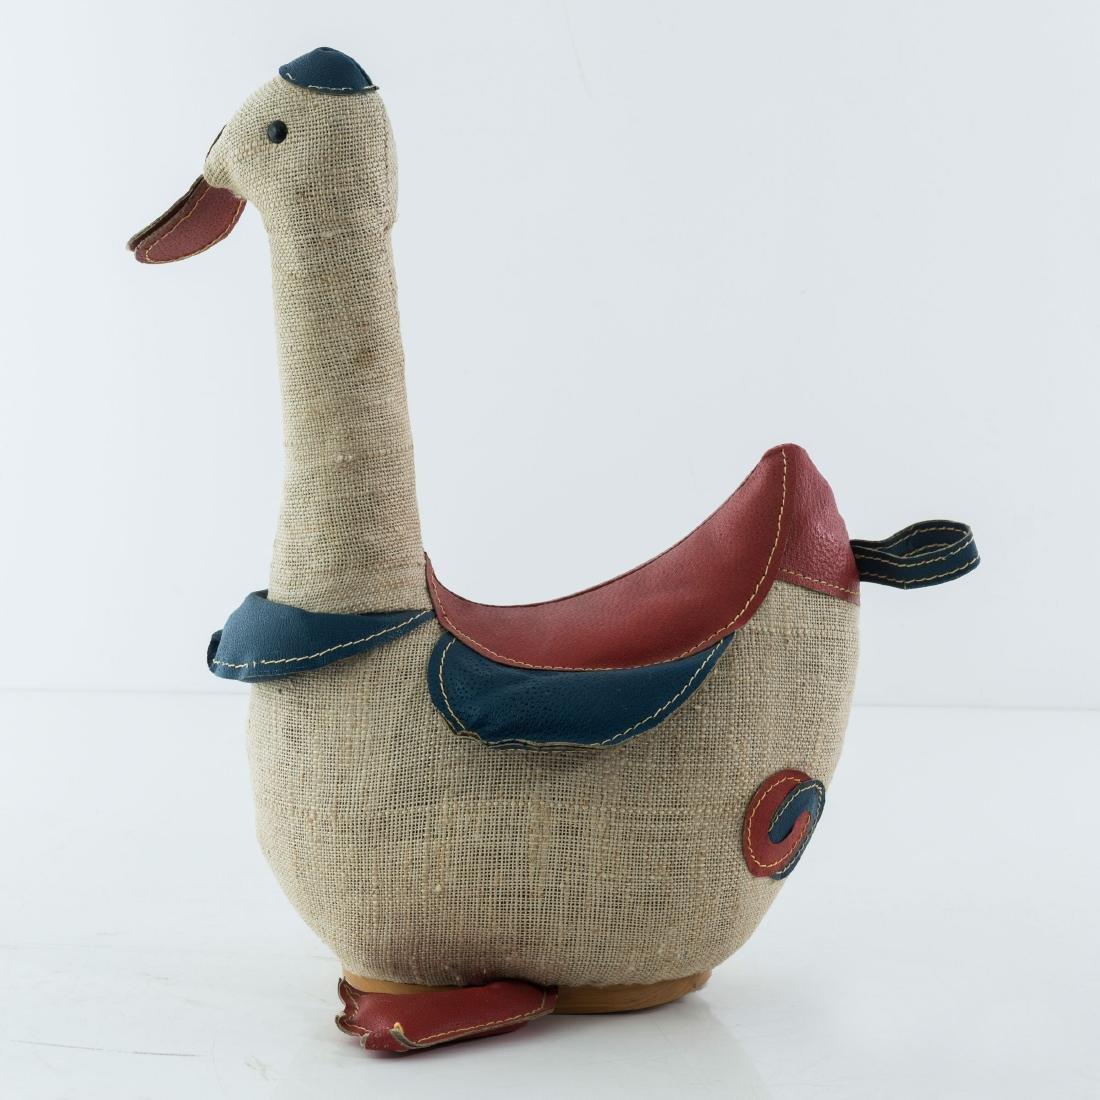 'Duck', 1967 - 4